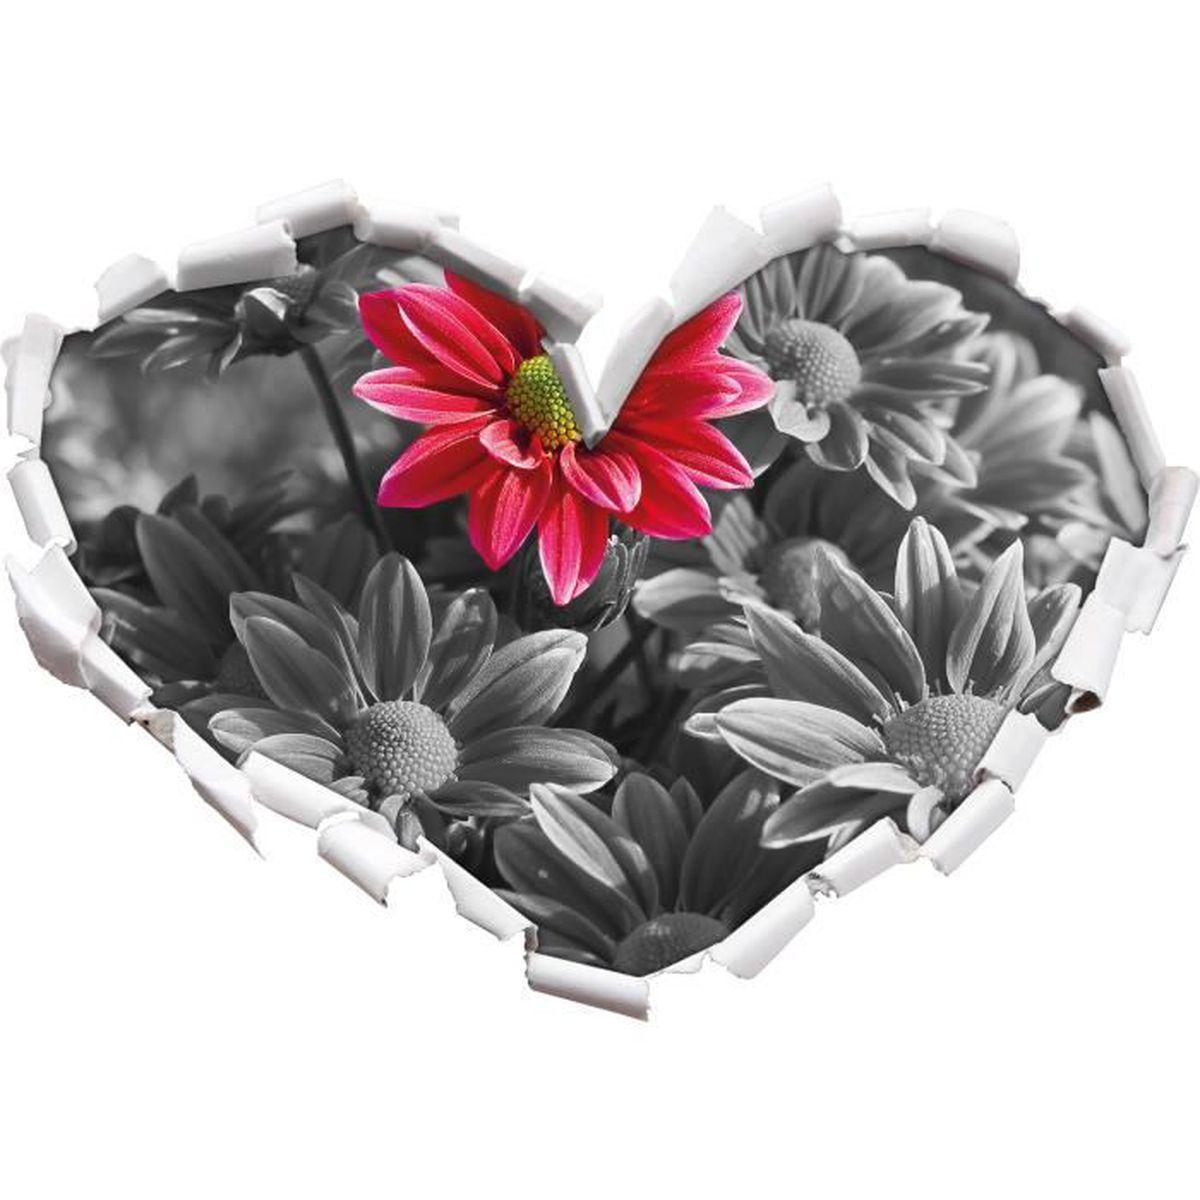 beau noir en forme de bouquet chrysanthème / blanc coeur dans le